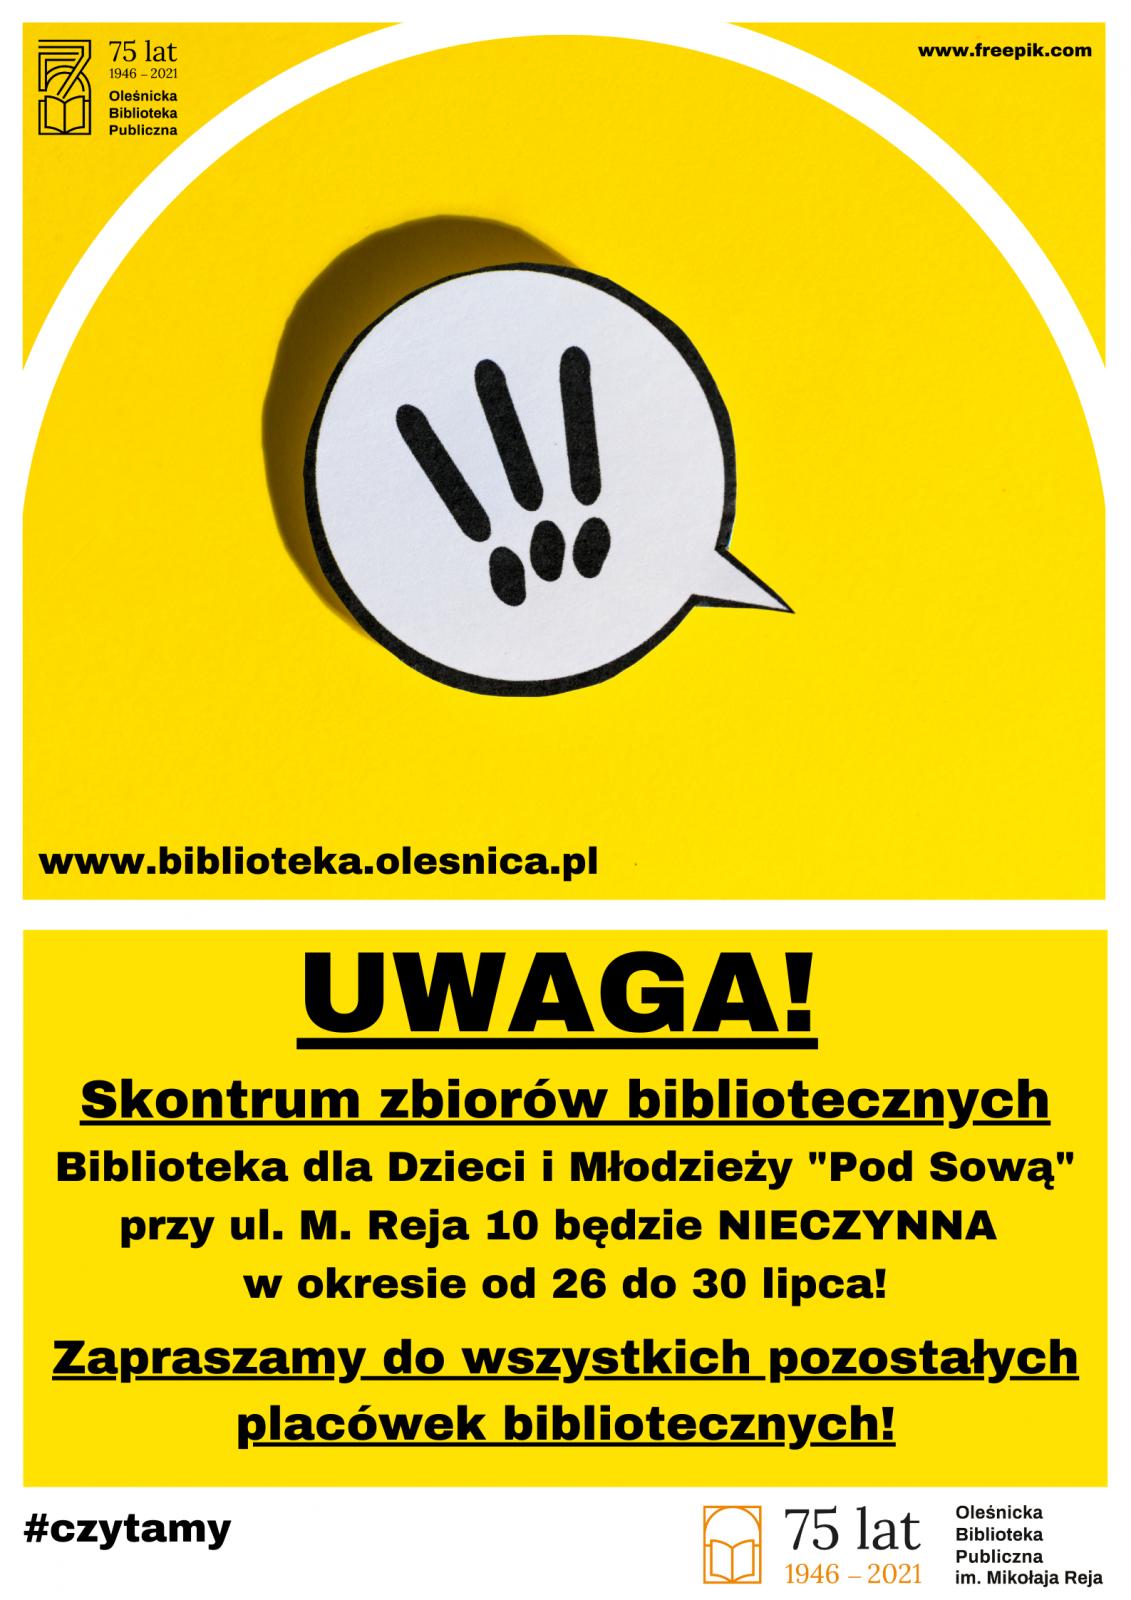 informacja o bbliotece